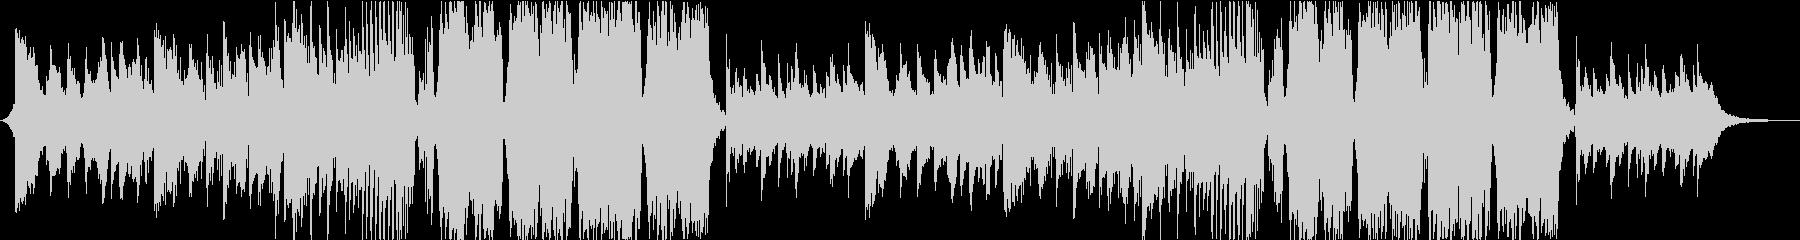 美しい篠笛の和風Future Bassの未再生の波形